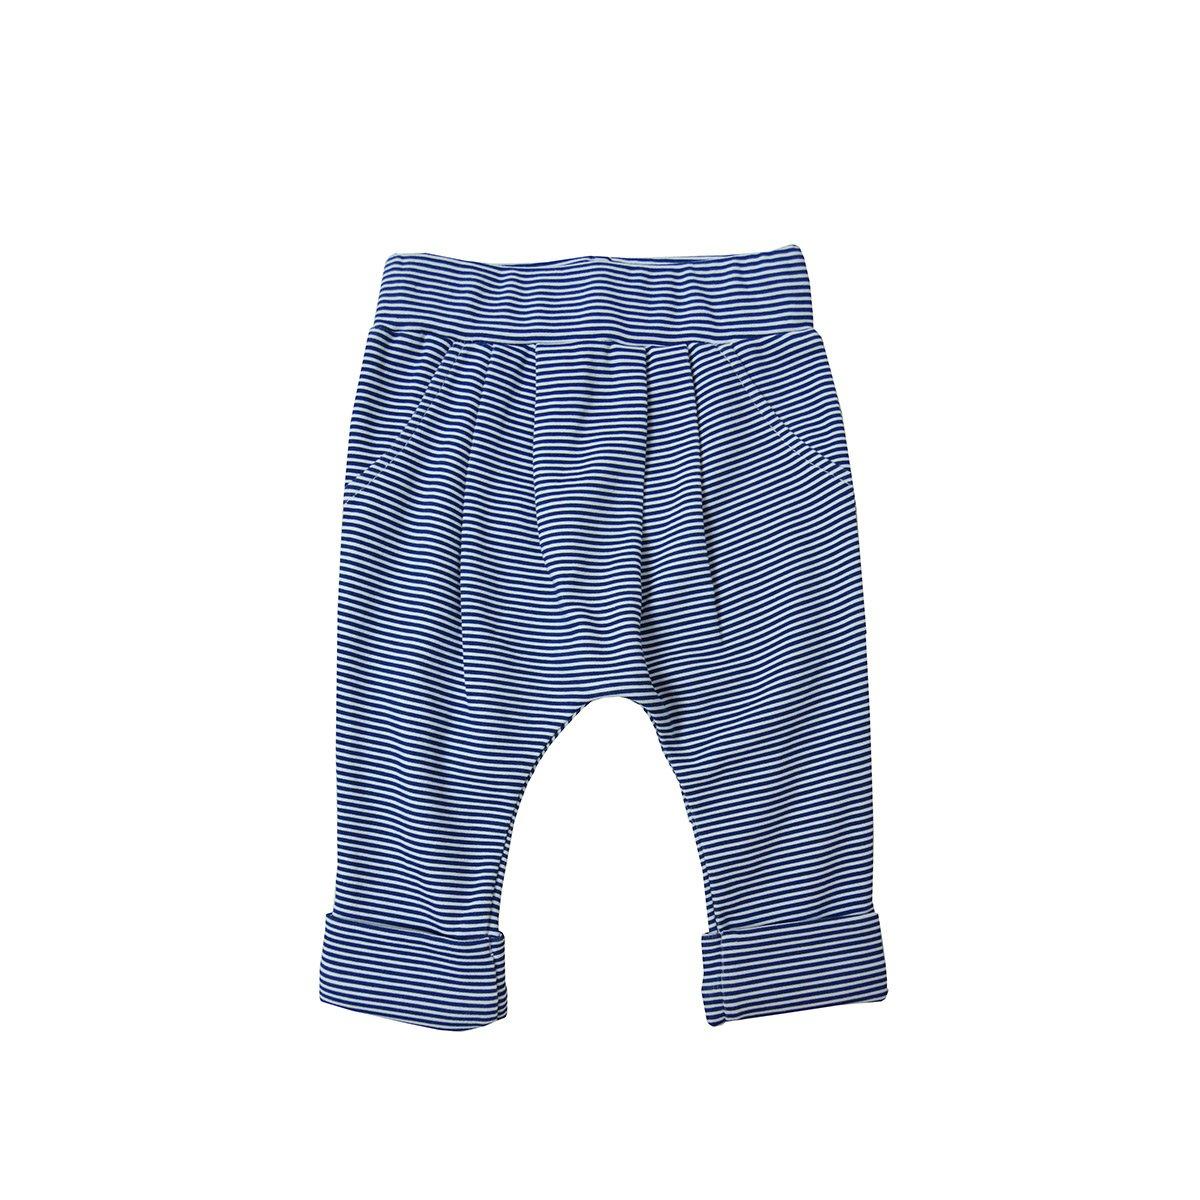 Παντελόνι navy λευκό-μπλε Baby corner  30262a7a25e